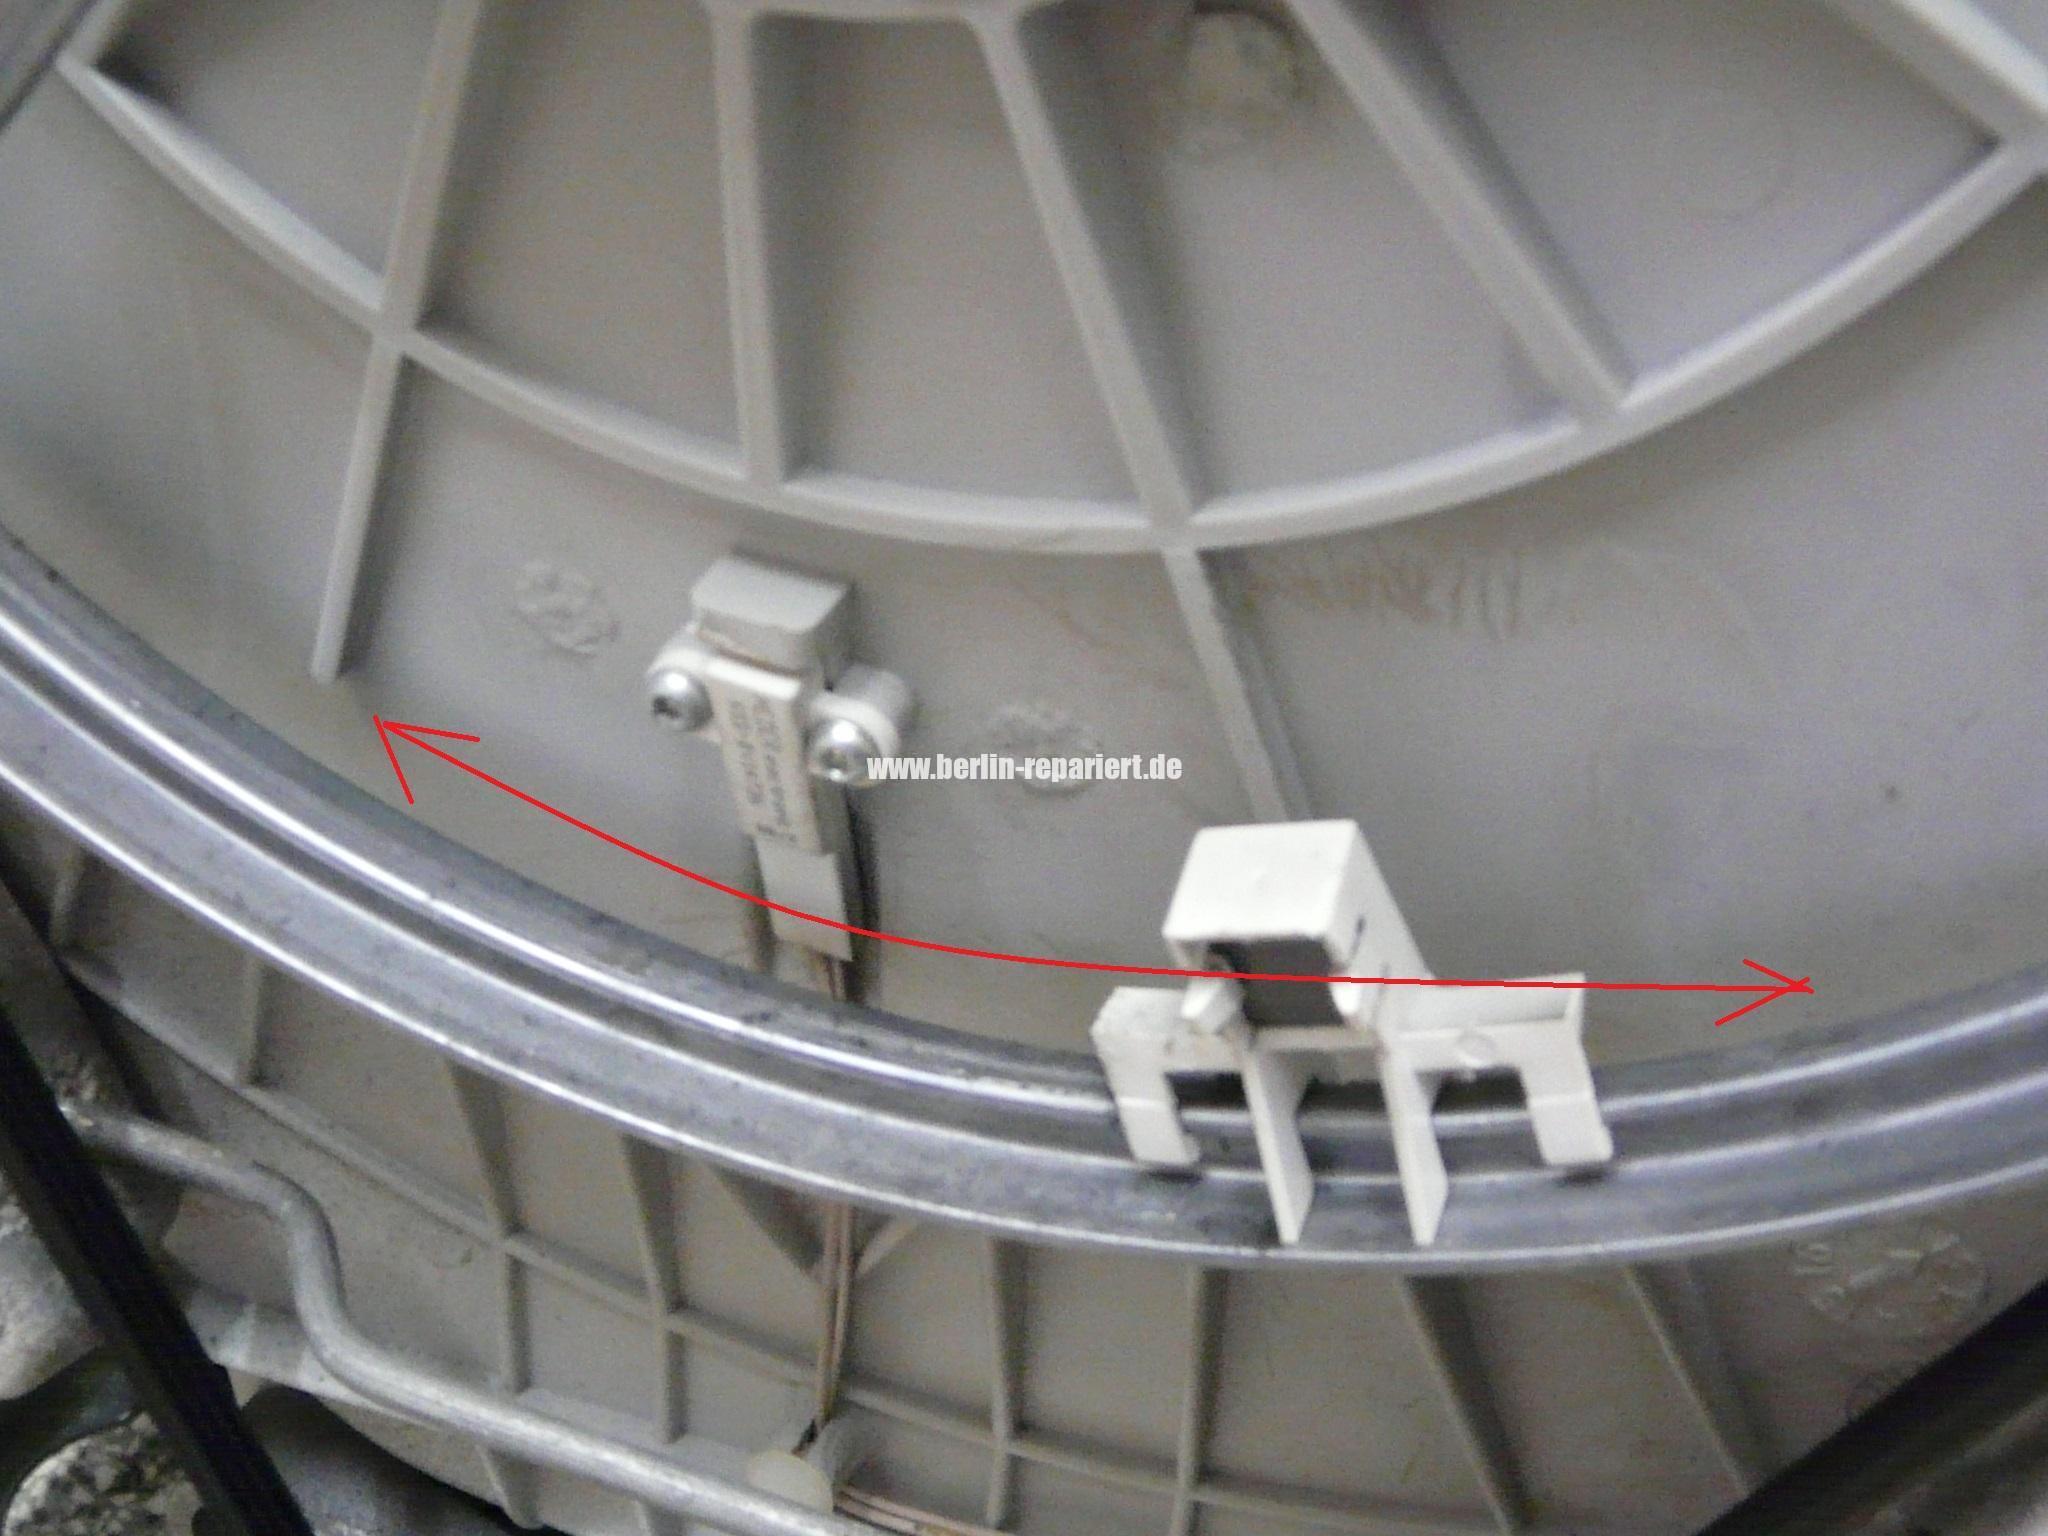 Bosch Kühlschrank Anzeige Blinkt : Bosch kühlschrank e blinkt: kühl gefrierkombinationen bosch